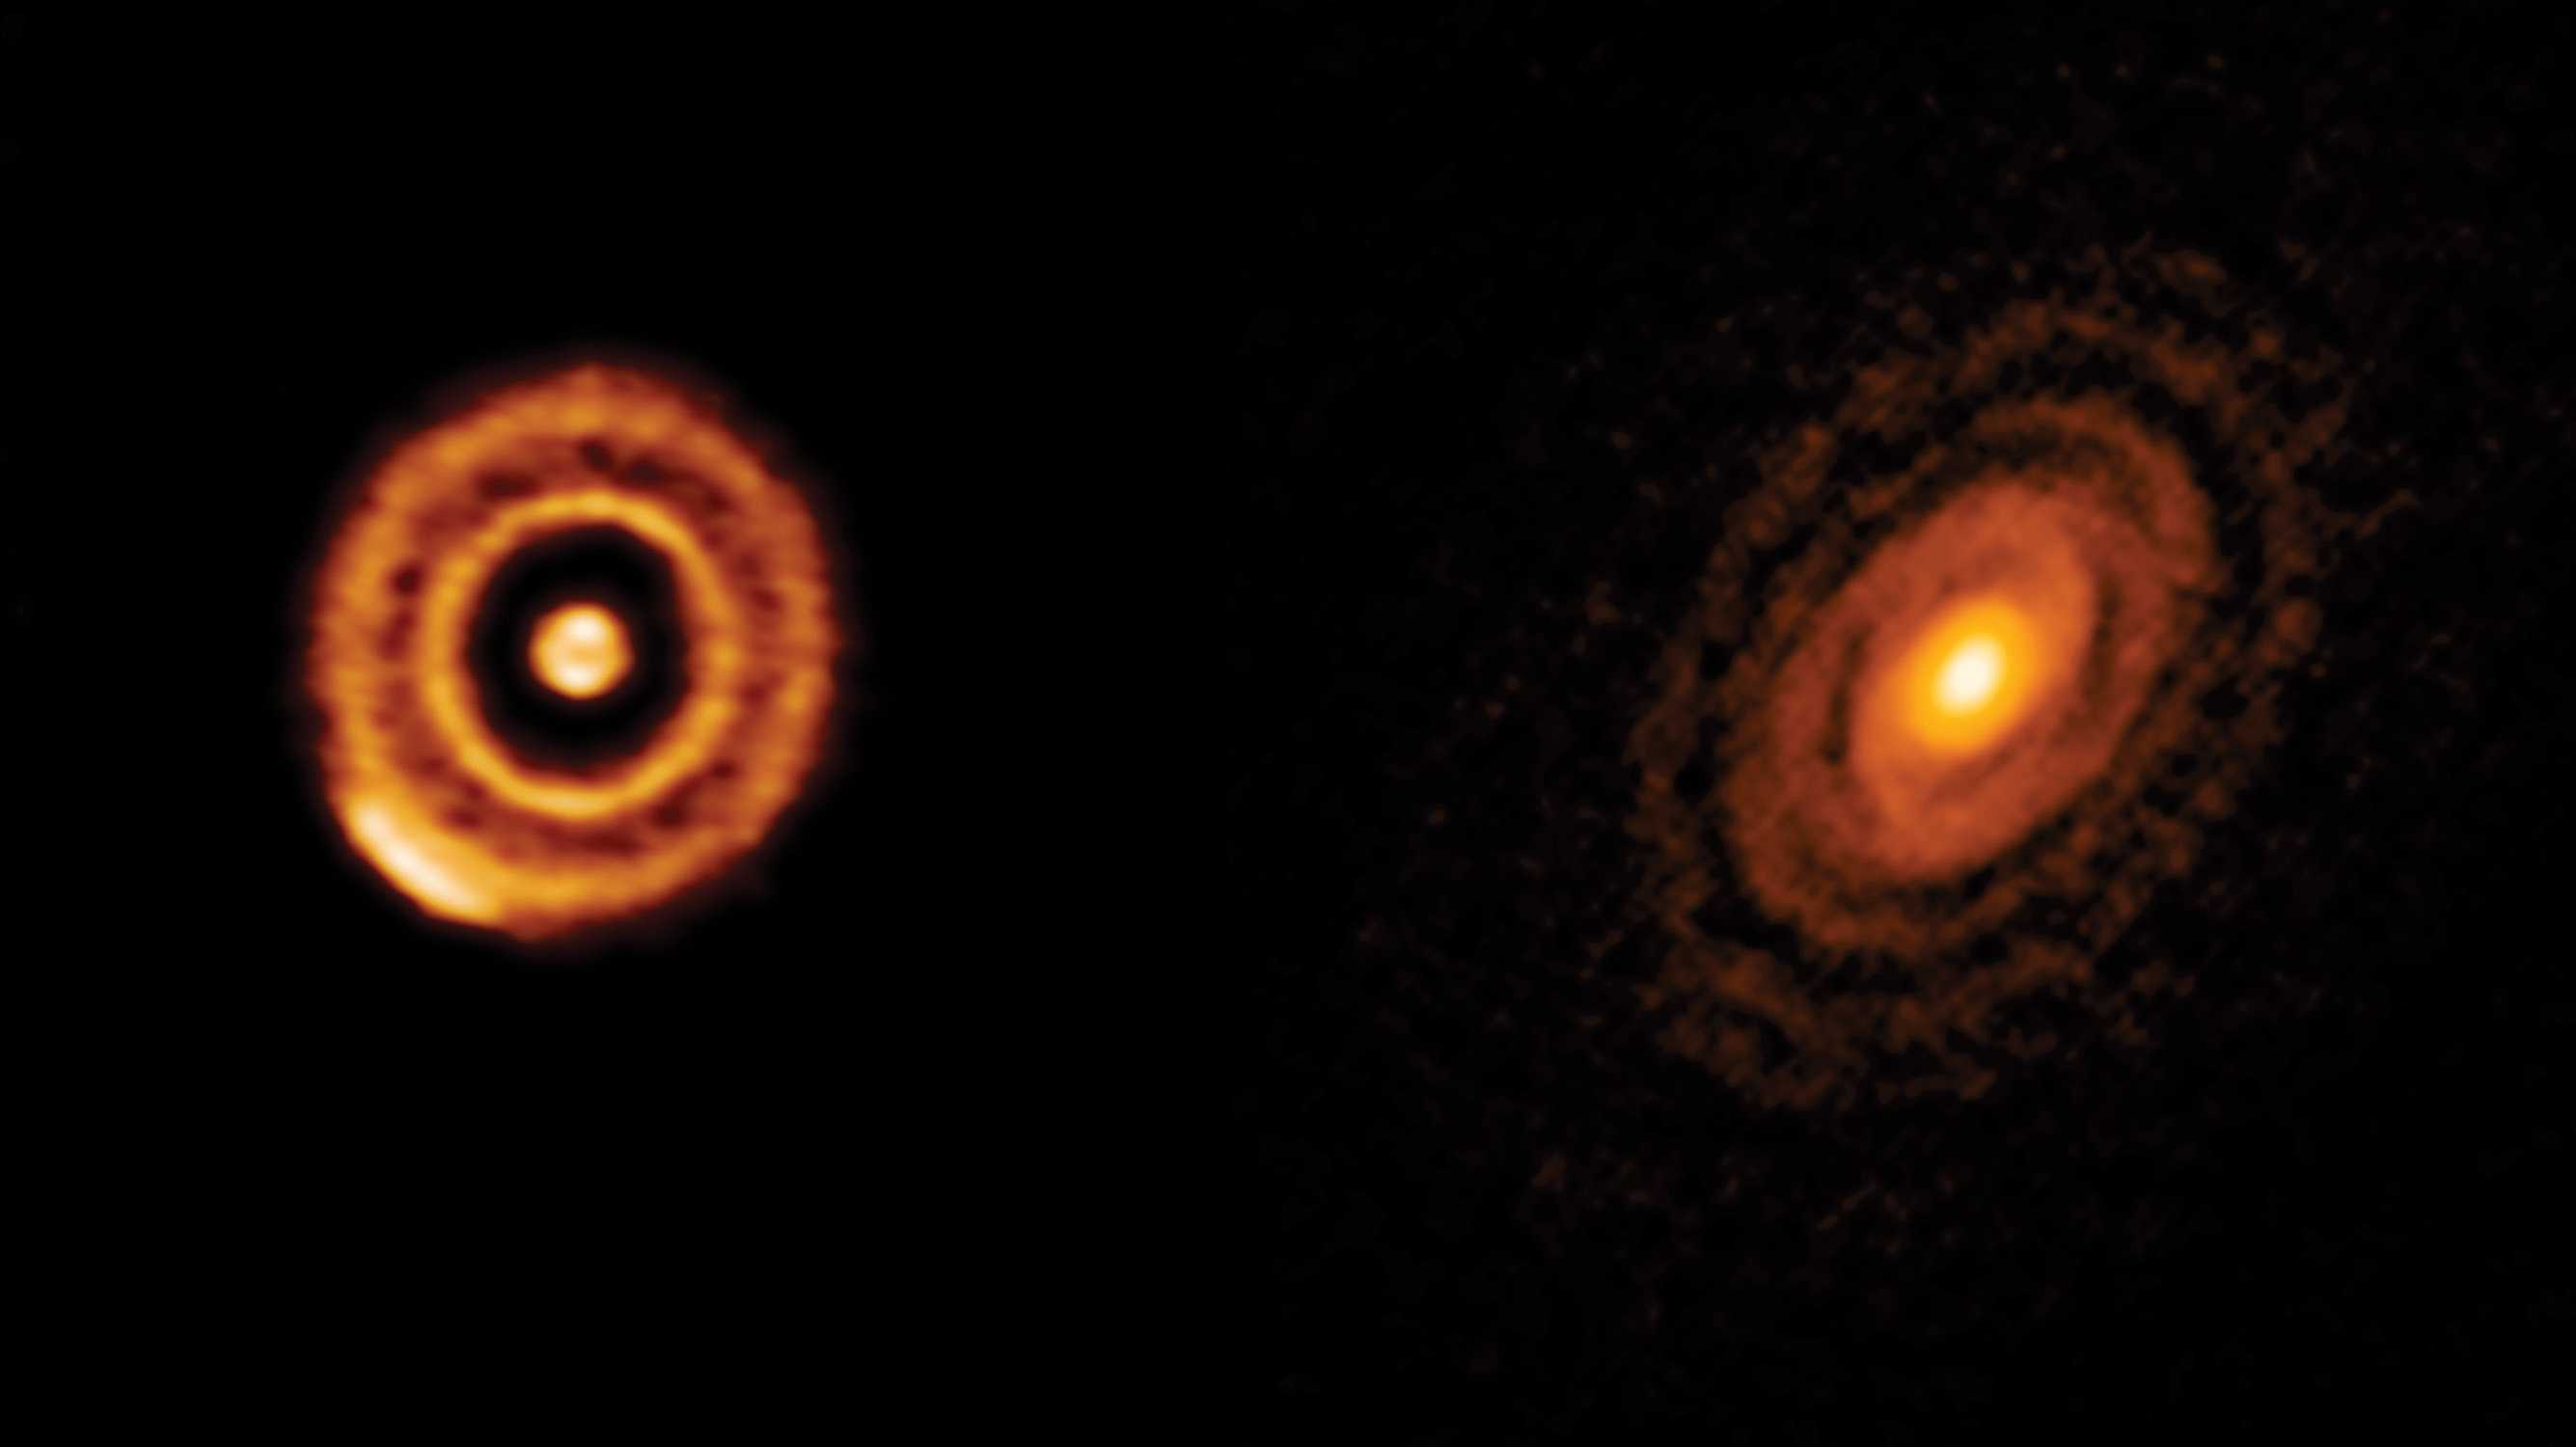 Protoplanetare Scheiben im Detail: Planeten entstehen schneller als gedacht